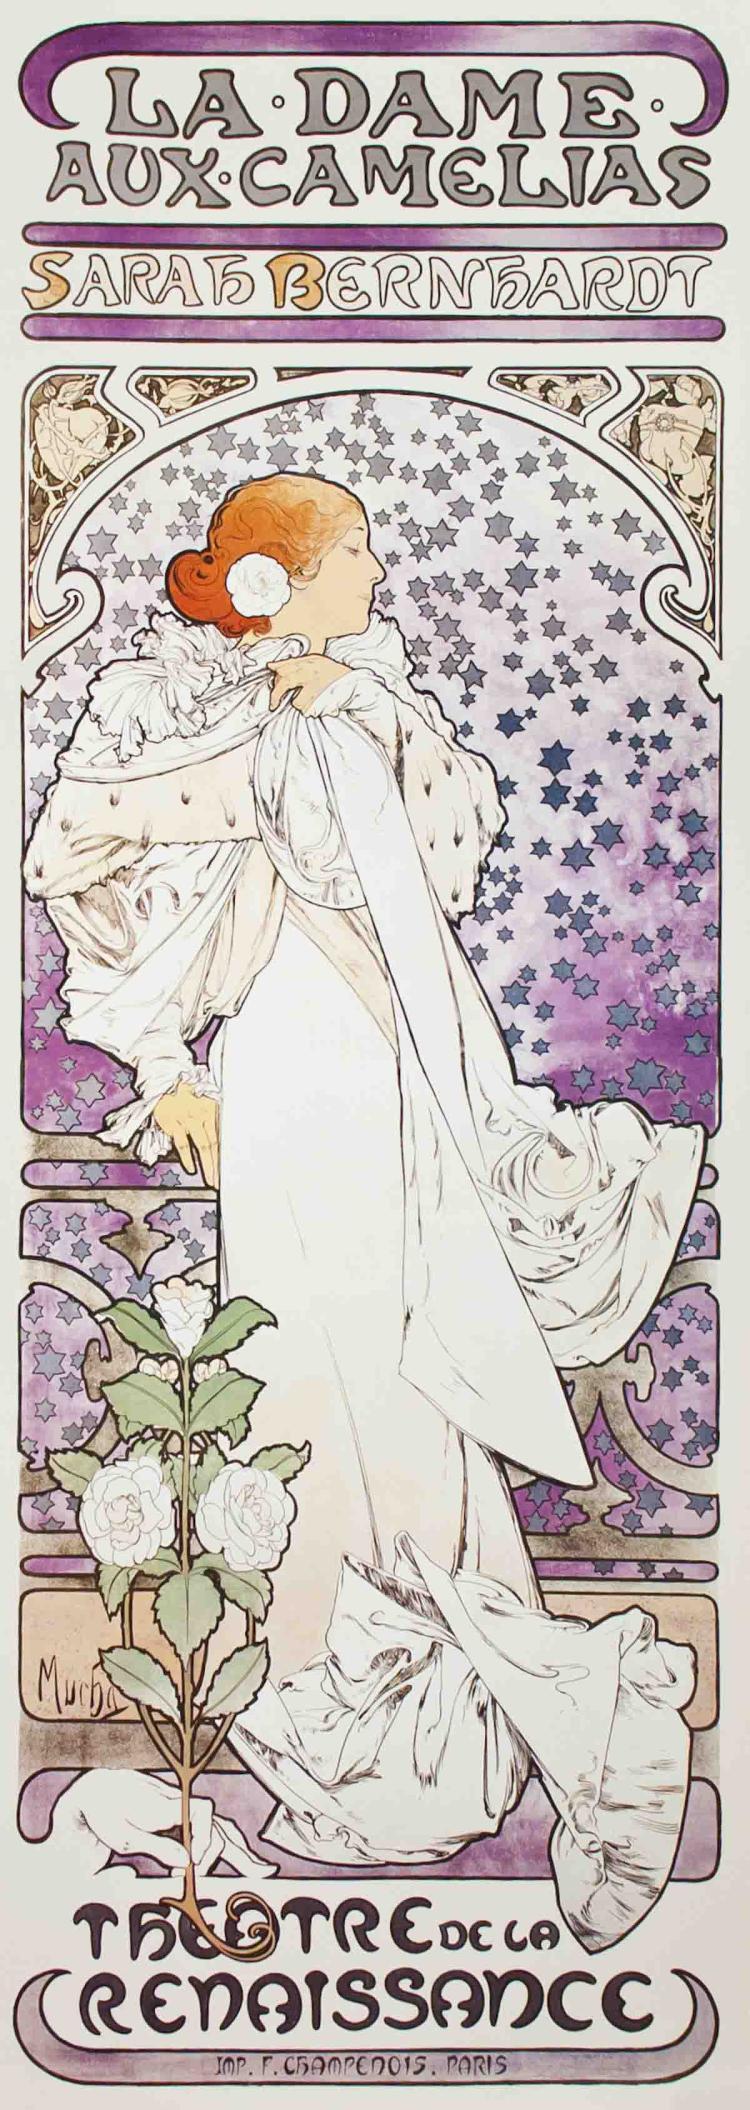 Alphonse Mucha - La Dame aux Camelias - 1993